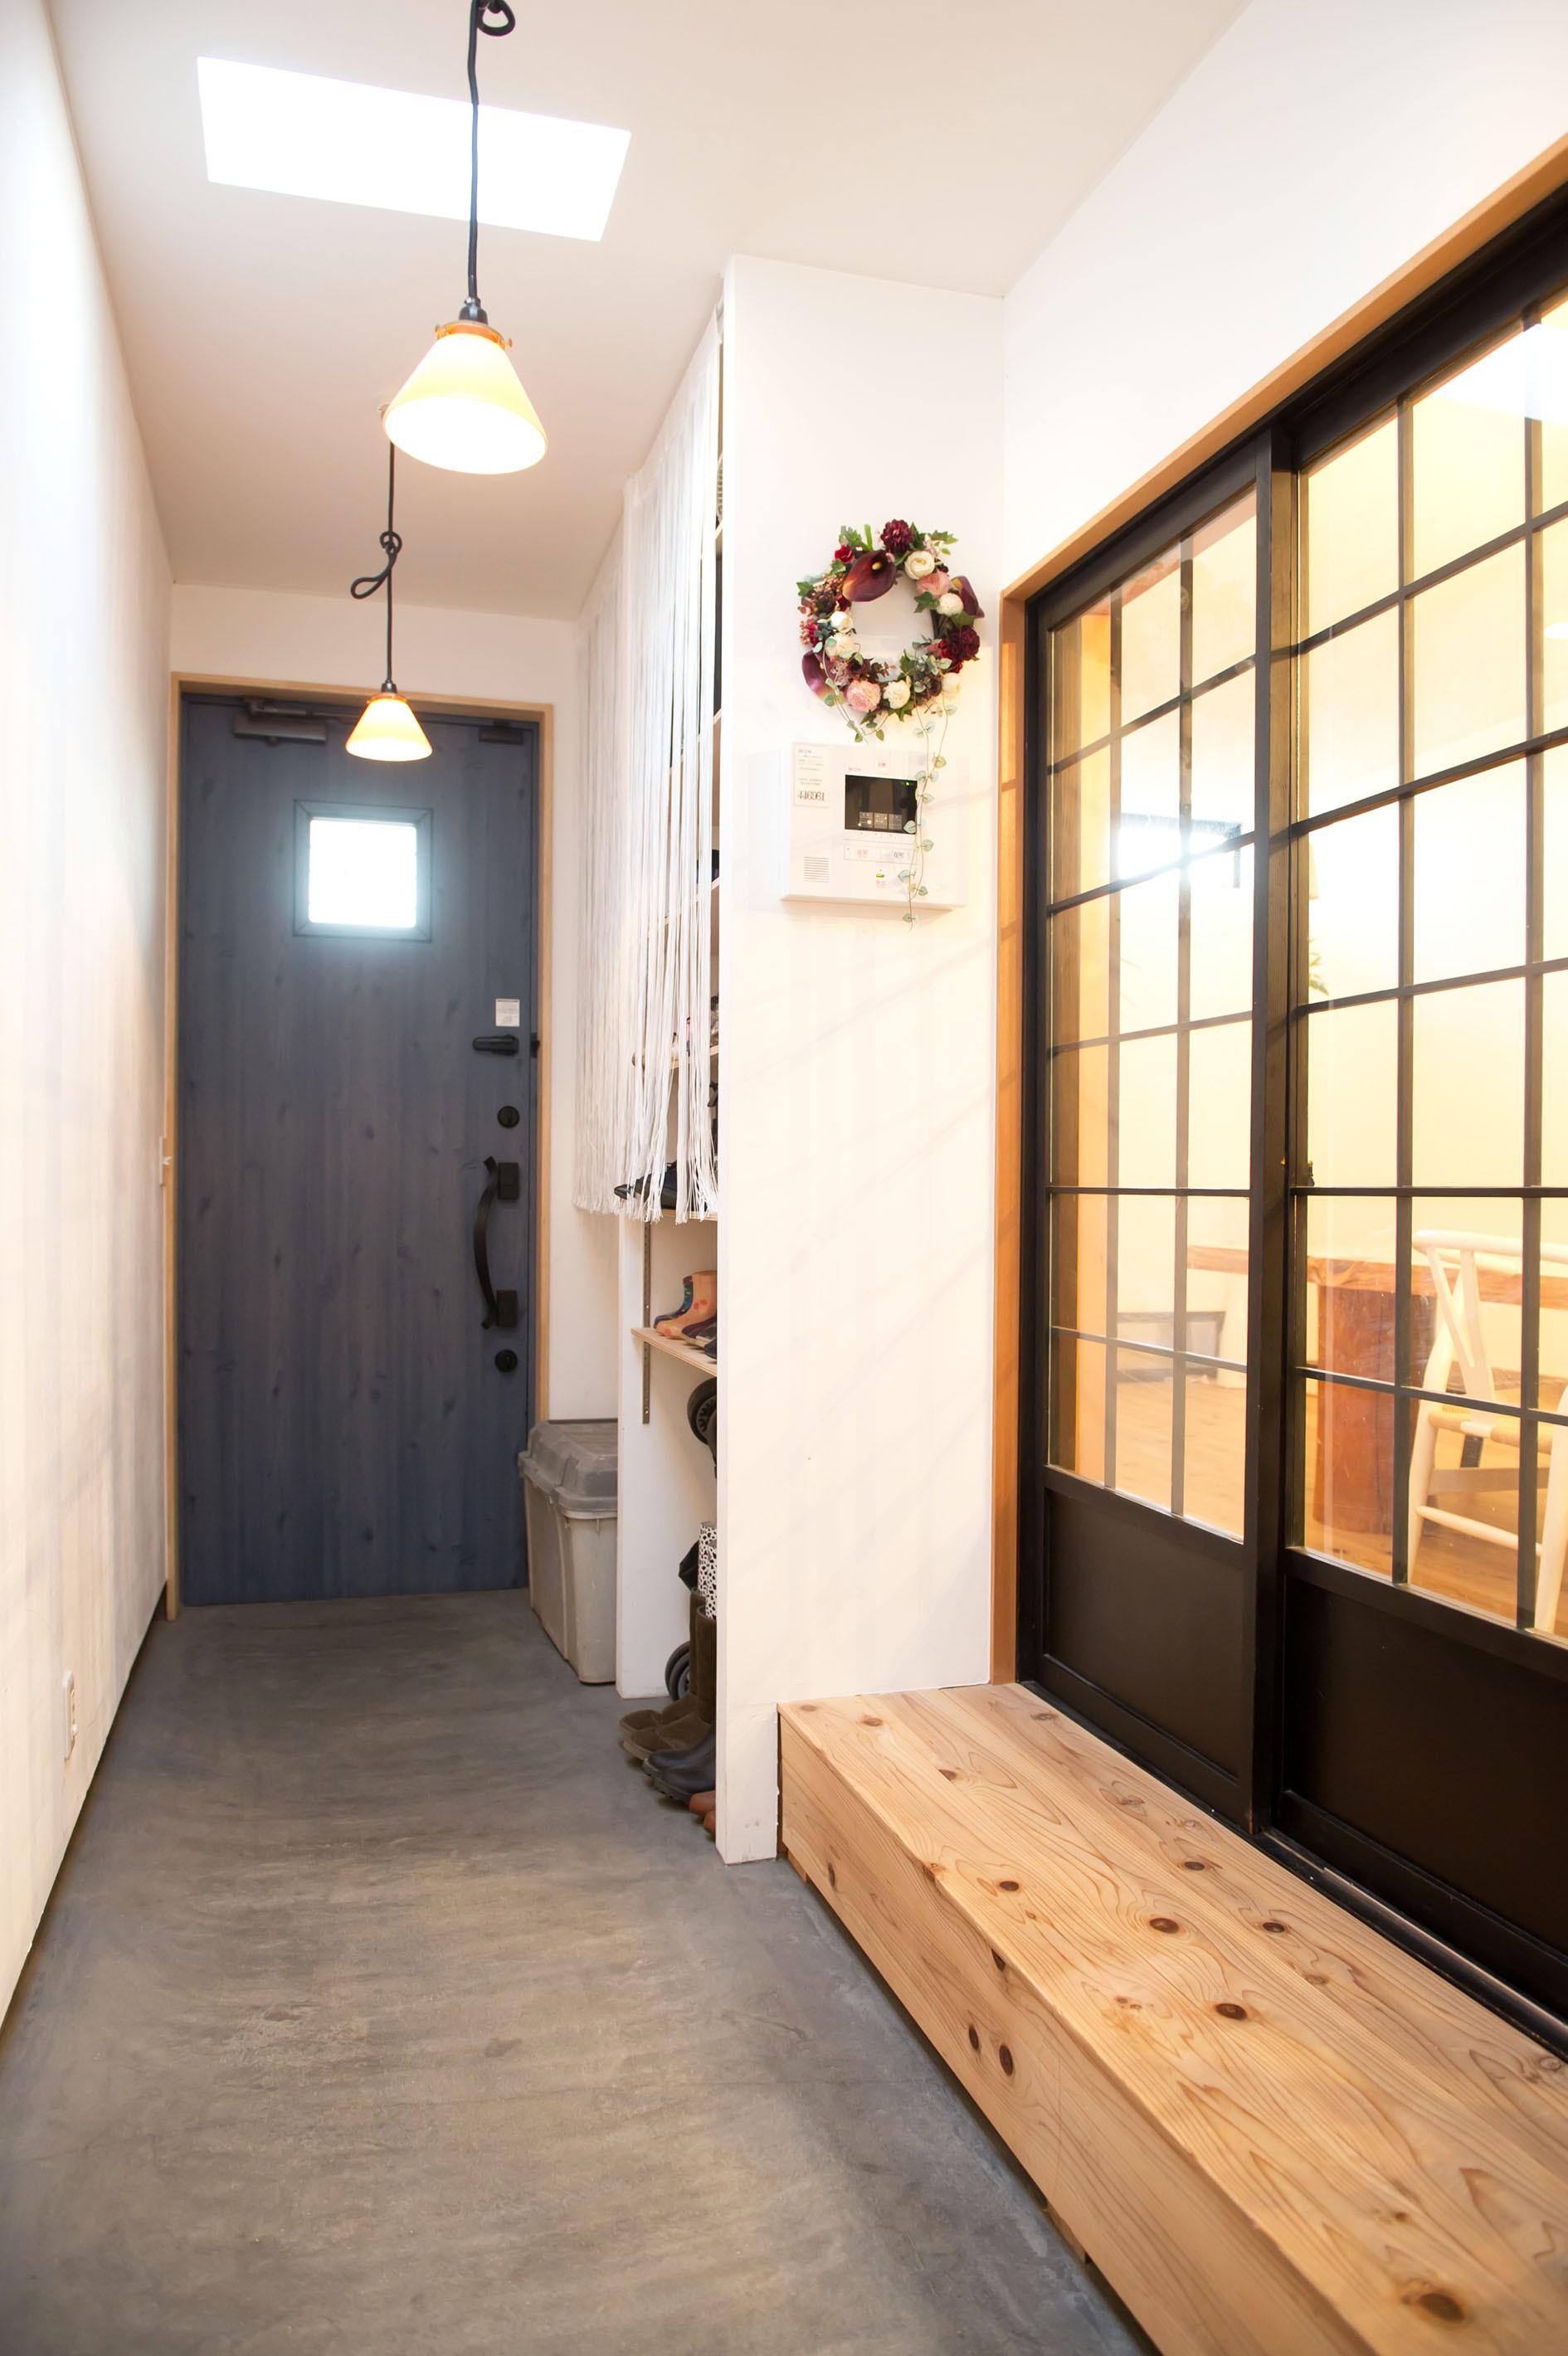 玄関事例:土間風玄関(自分たちらしい住まいを求め、少しずつの変化を楽しむ住まい)